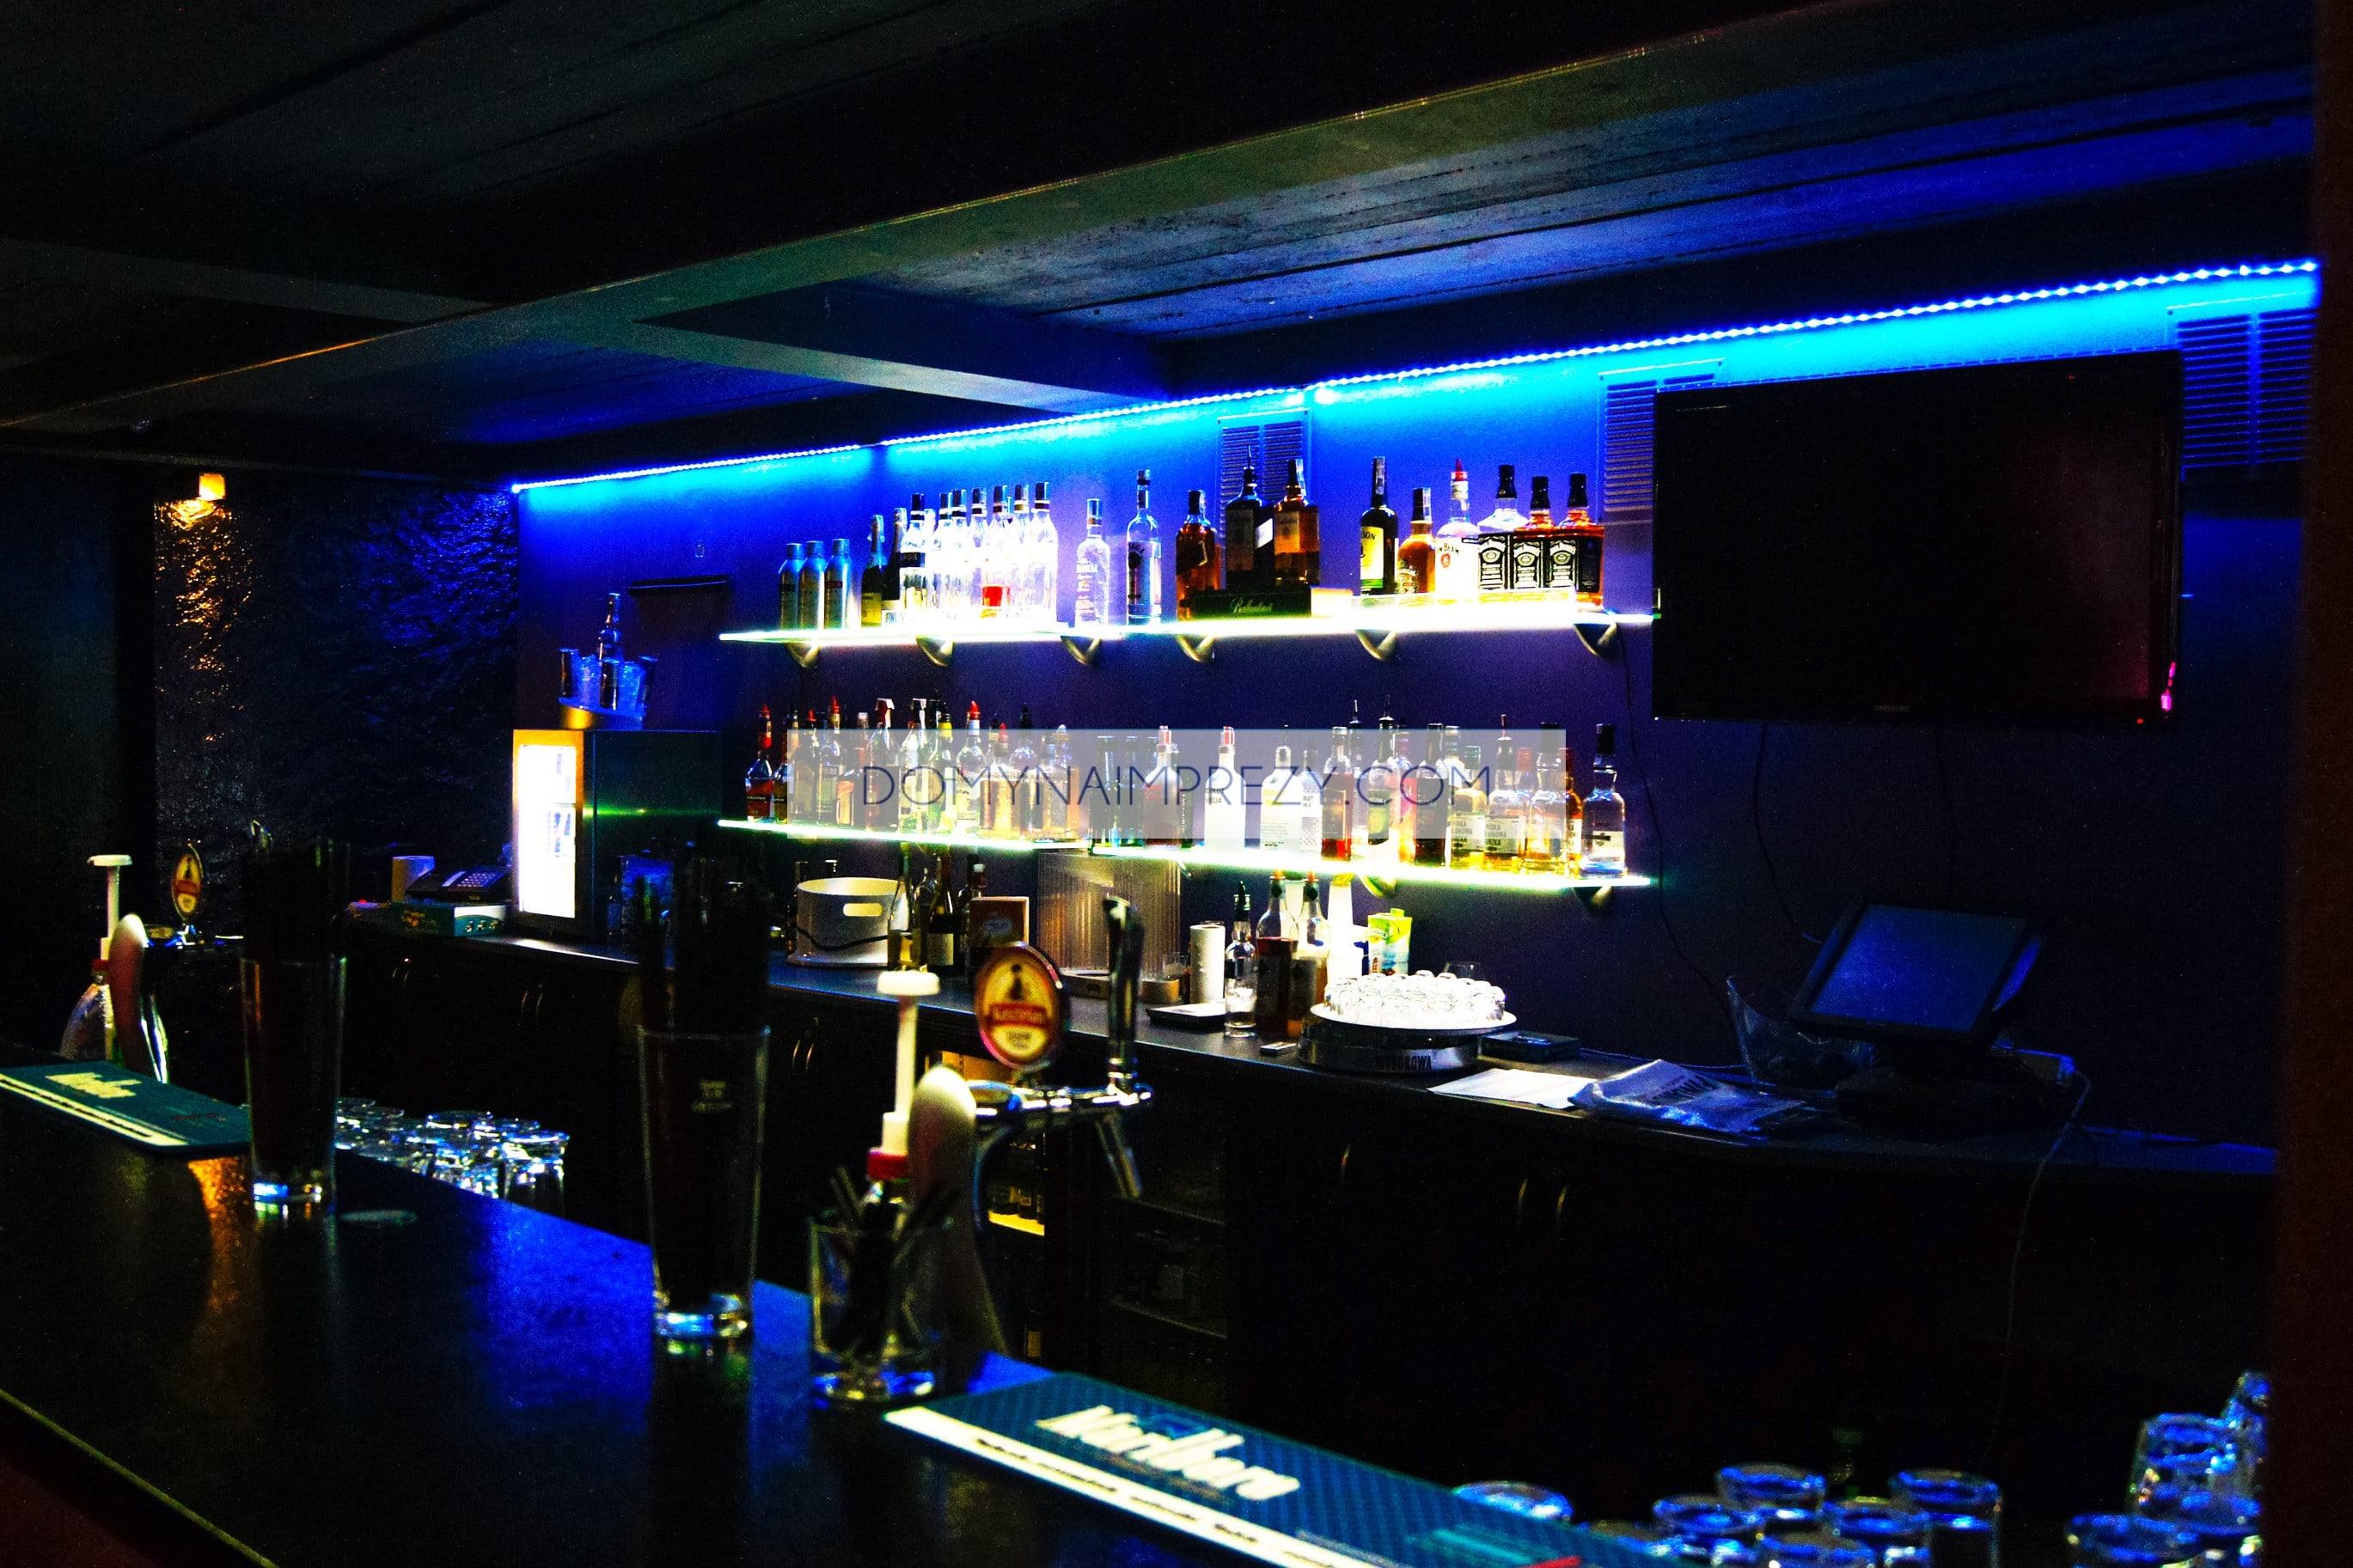 Bar w lokalu na wieczór kawalerski